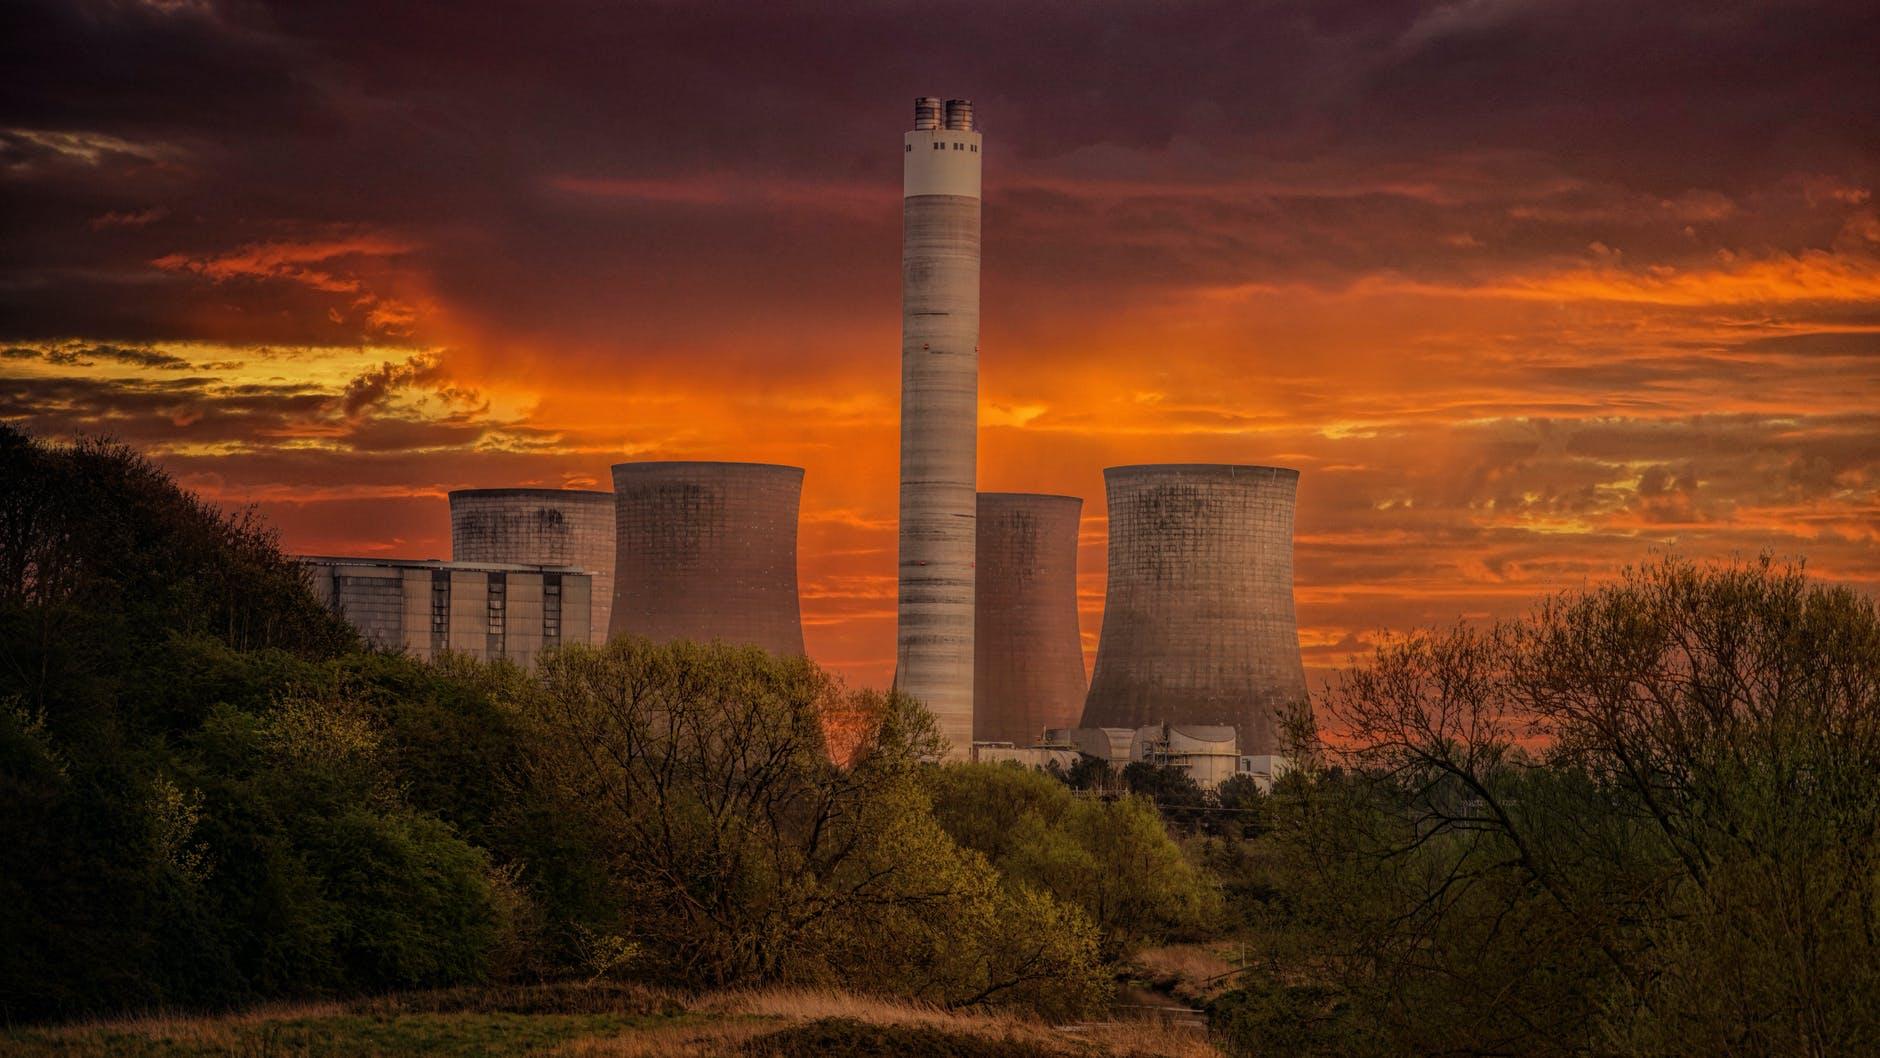 Mimoriadna správa! Európou sa šíri rádioaktívny mrak, pôvod má mať v Rusku